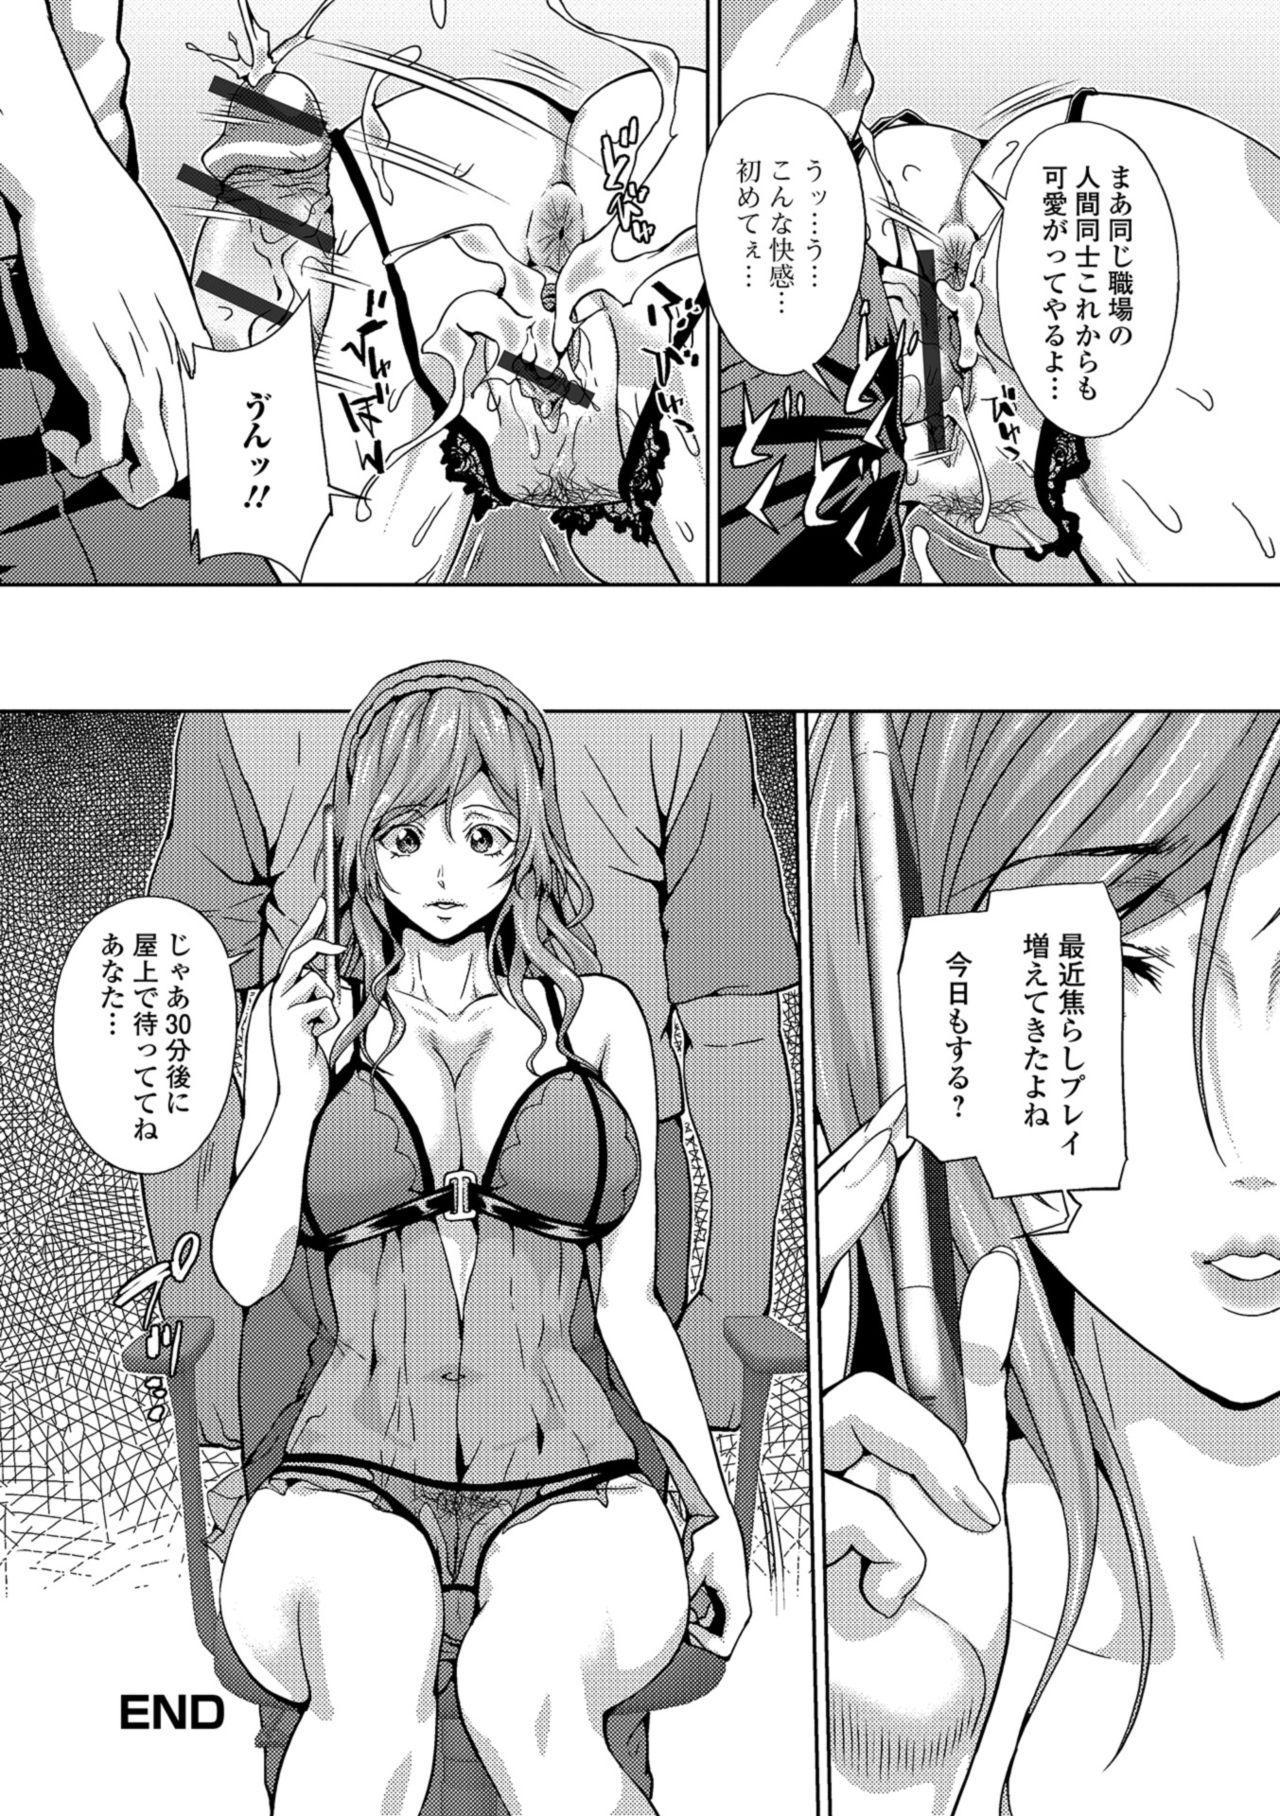 Web Haishin Gekkan Tonari no Kininaru Oku-san Vol. 019 19